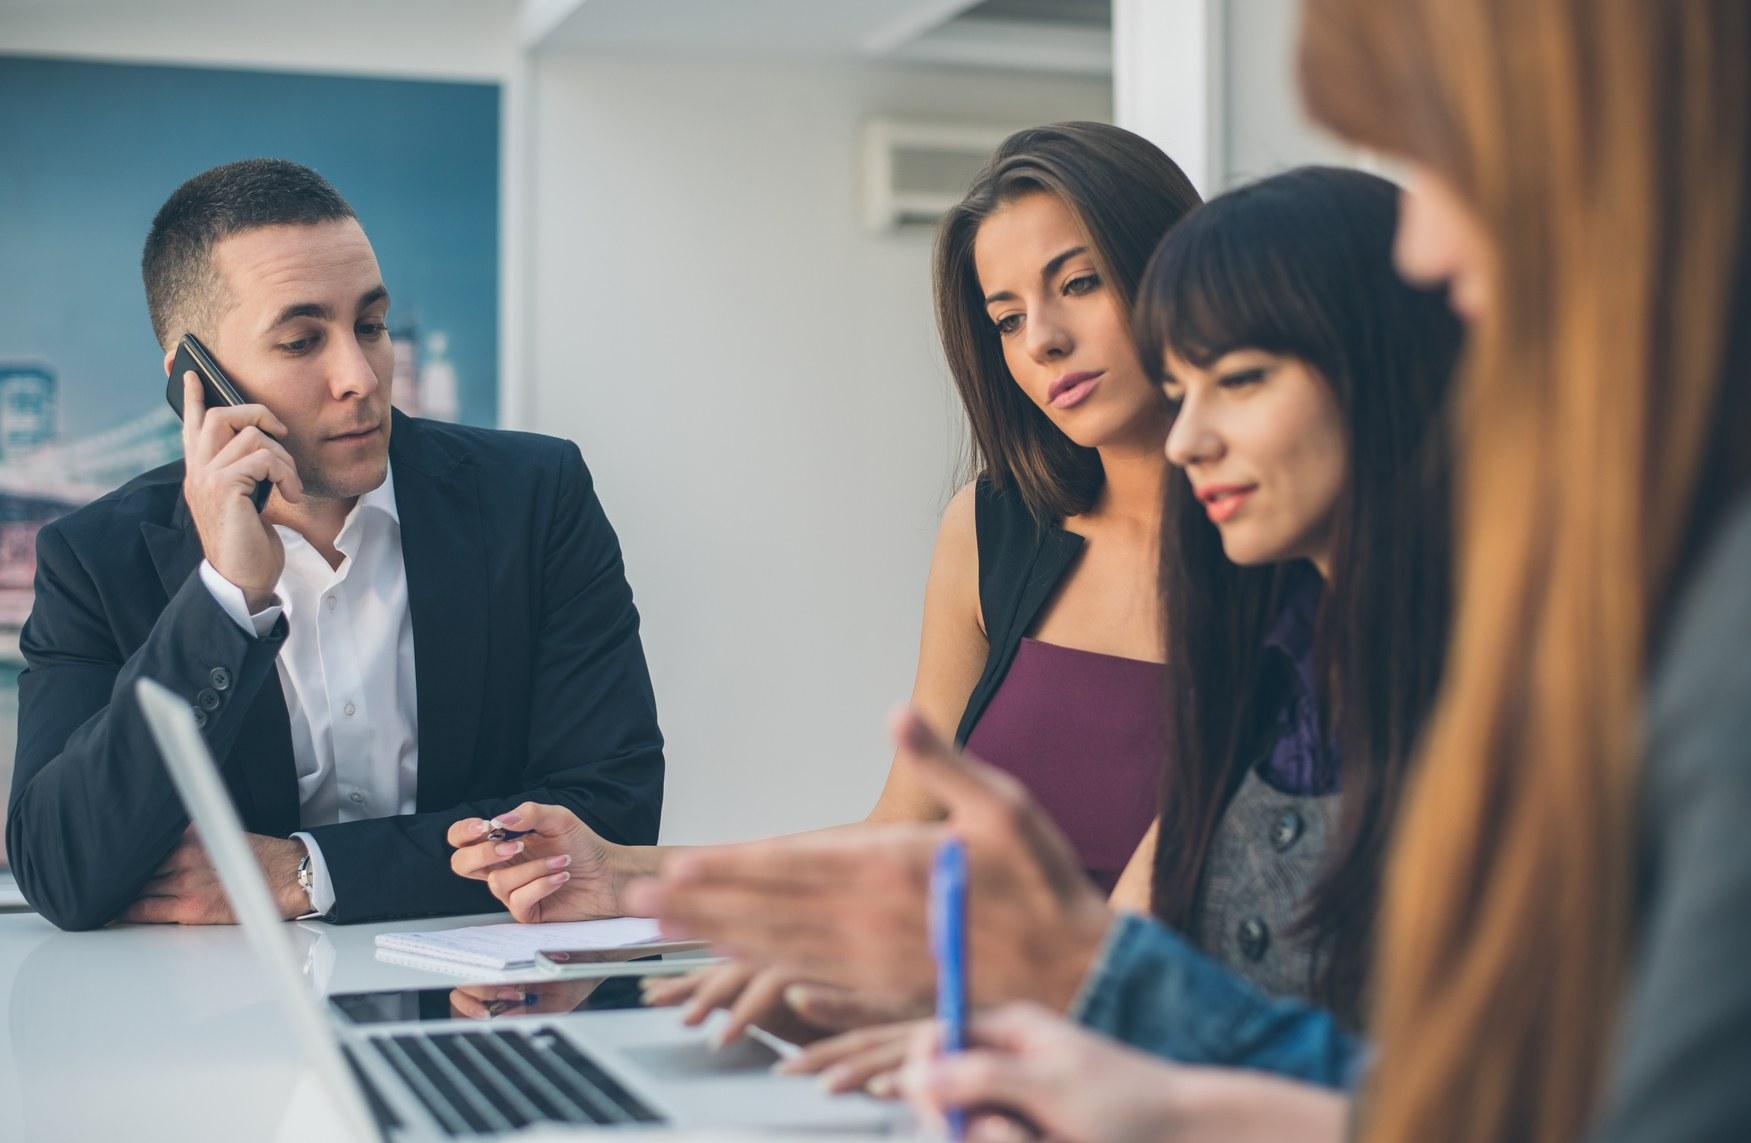 Las habilidades que olvidan los empleados (y les impide ganar más)